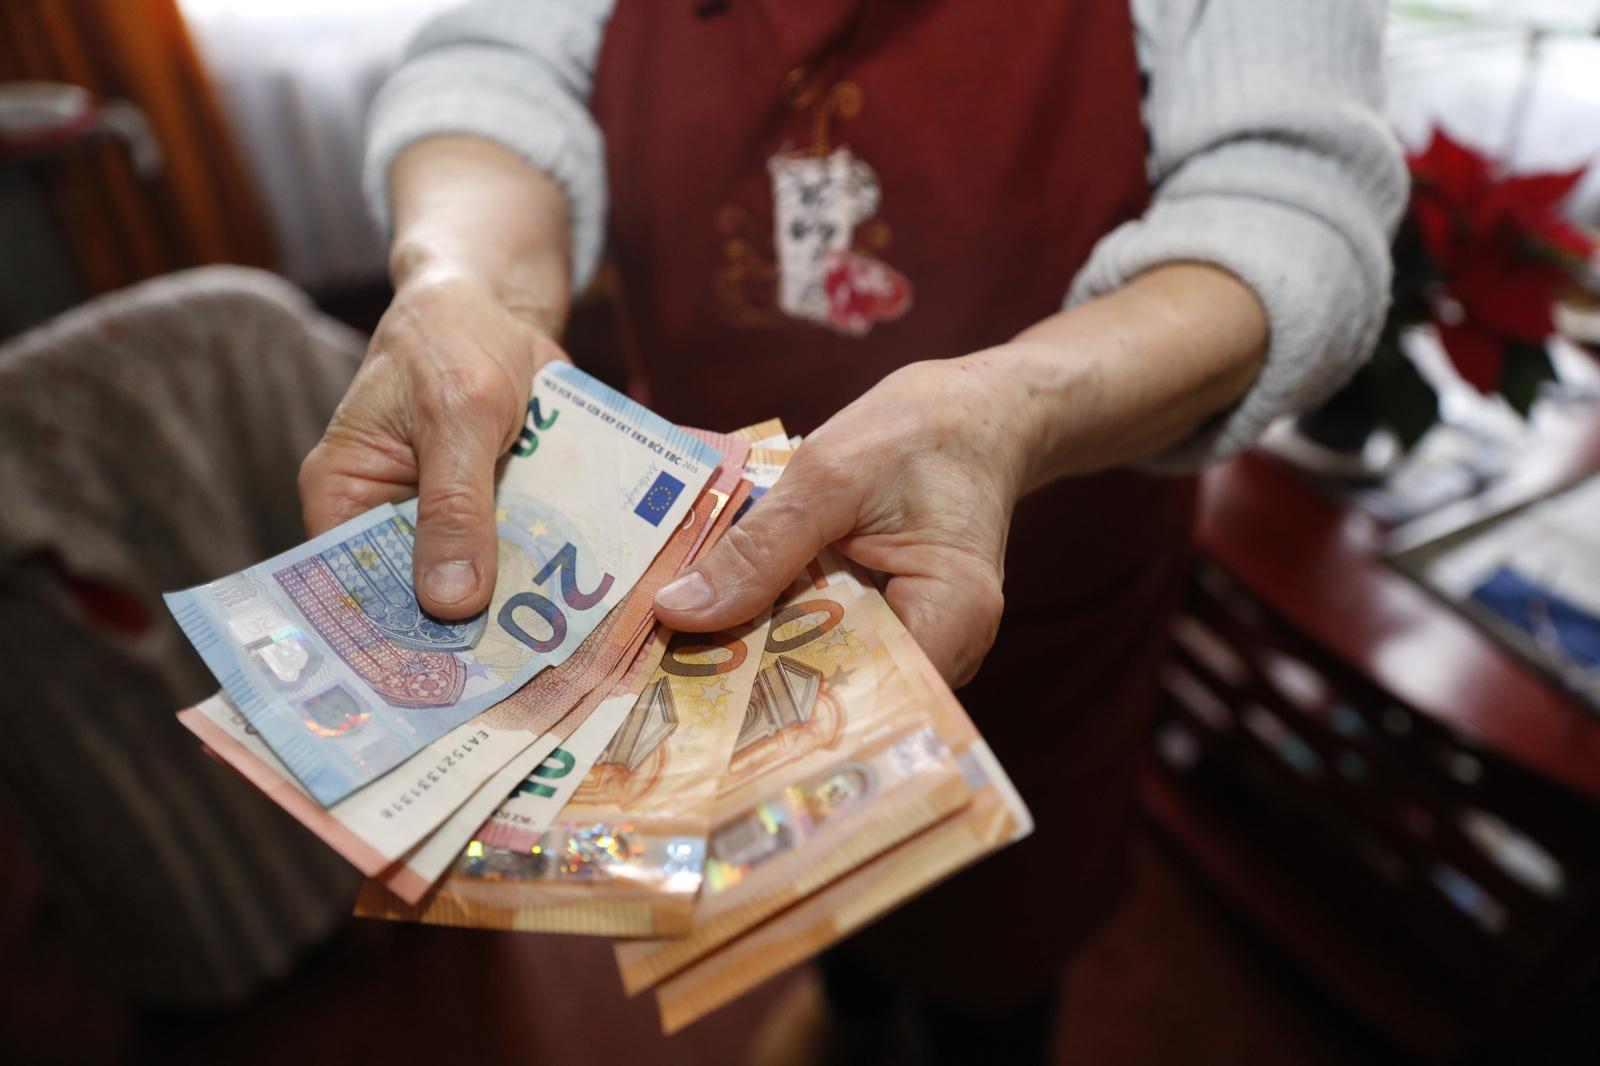 Vilniuje policininku apsimetęs sukčius iš moters pavogė 7 tūkstančius eurų